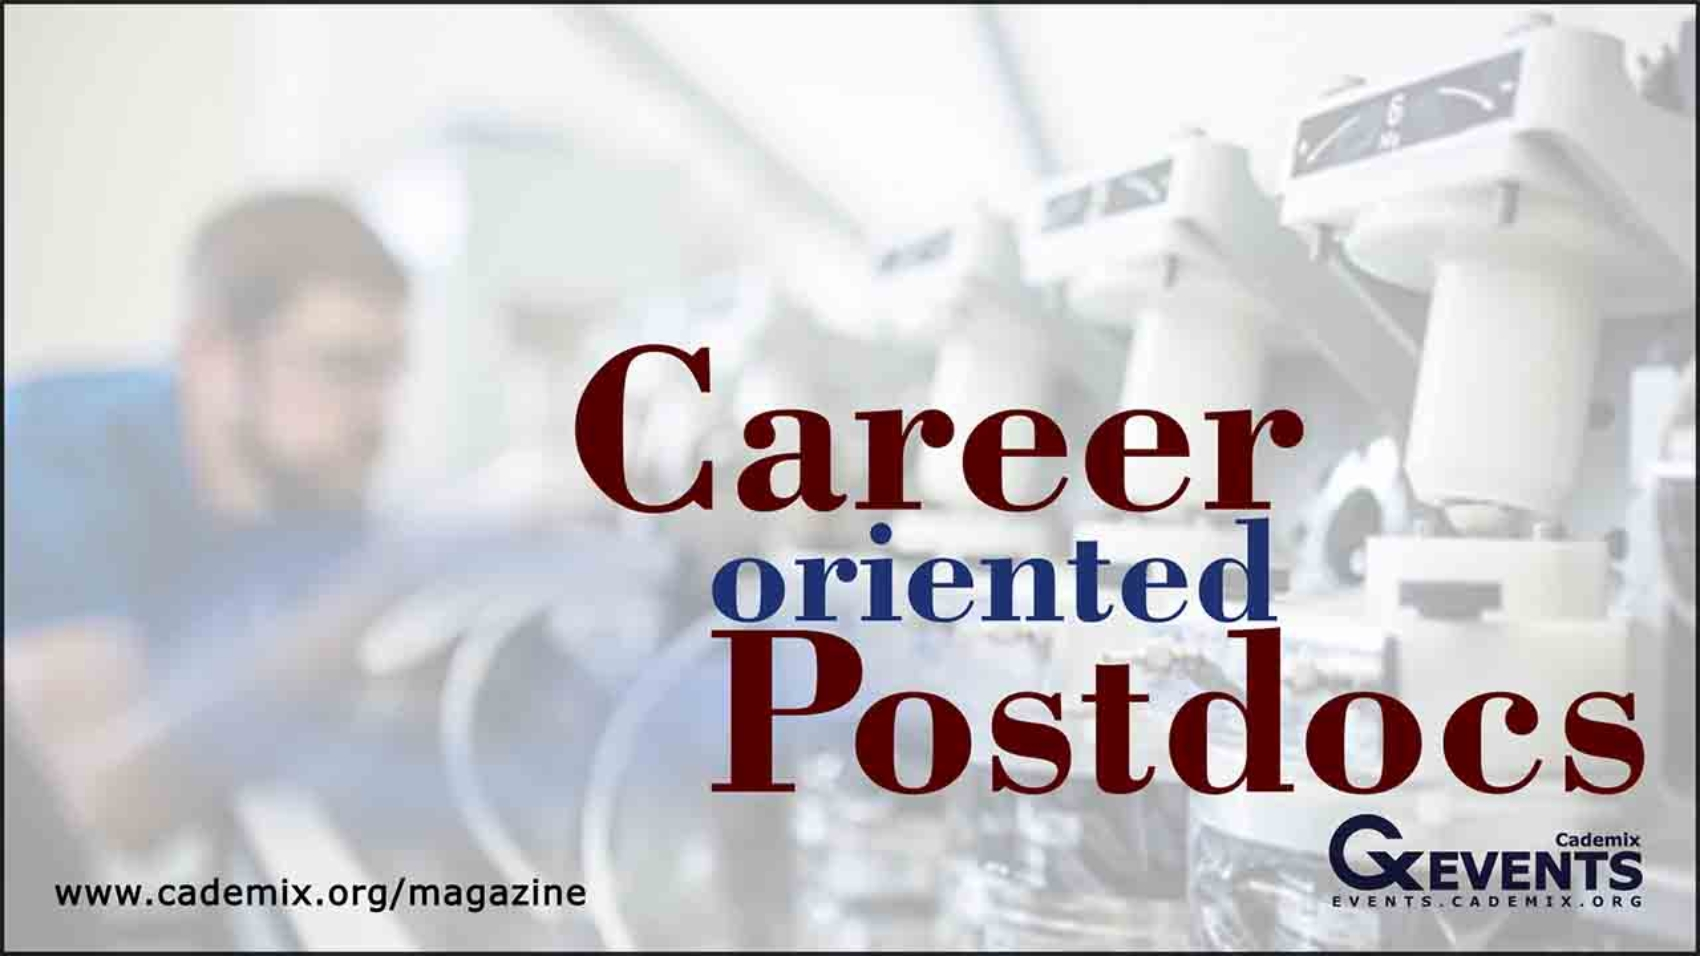 Career oriented Postdocs types academix industrial job